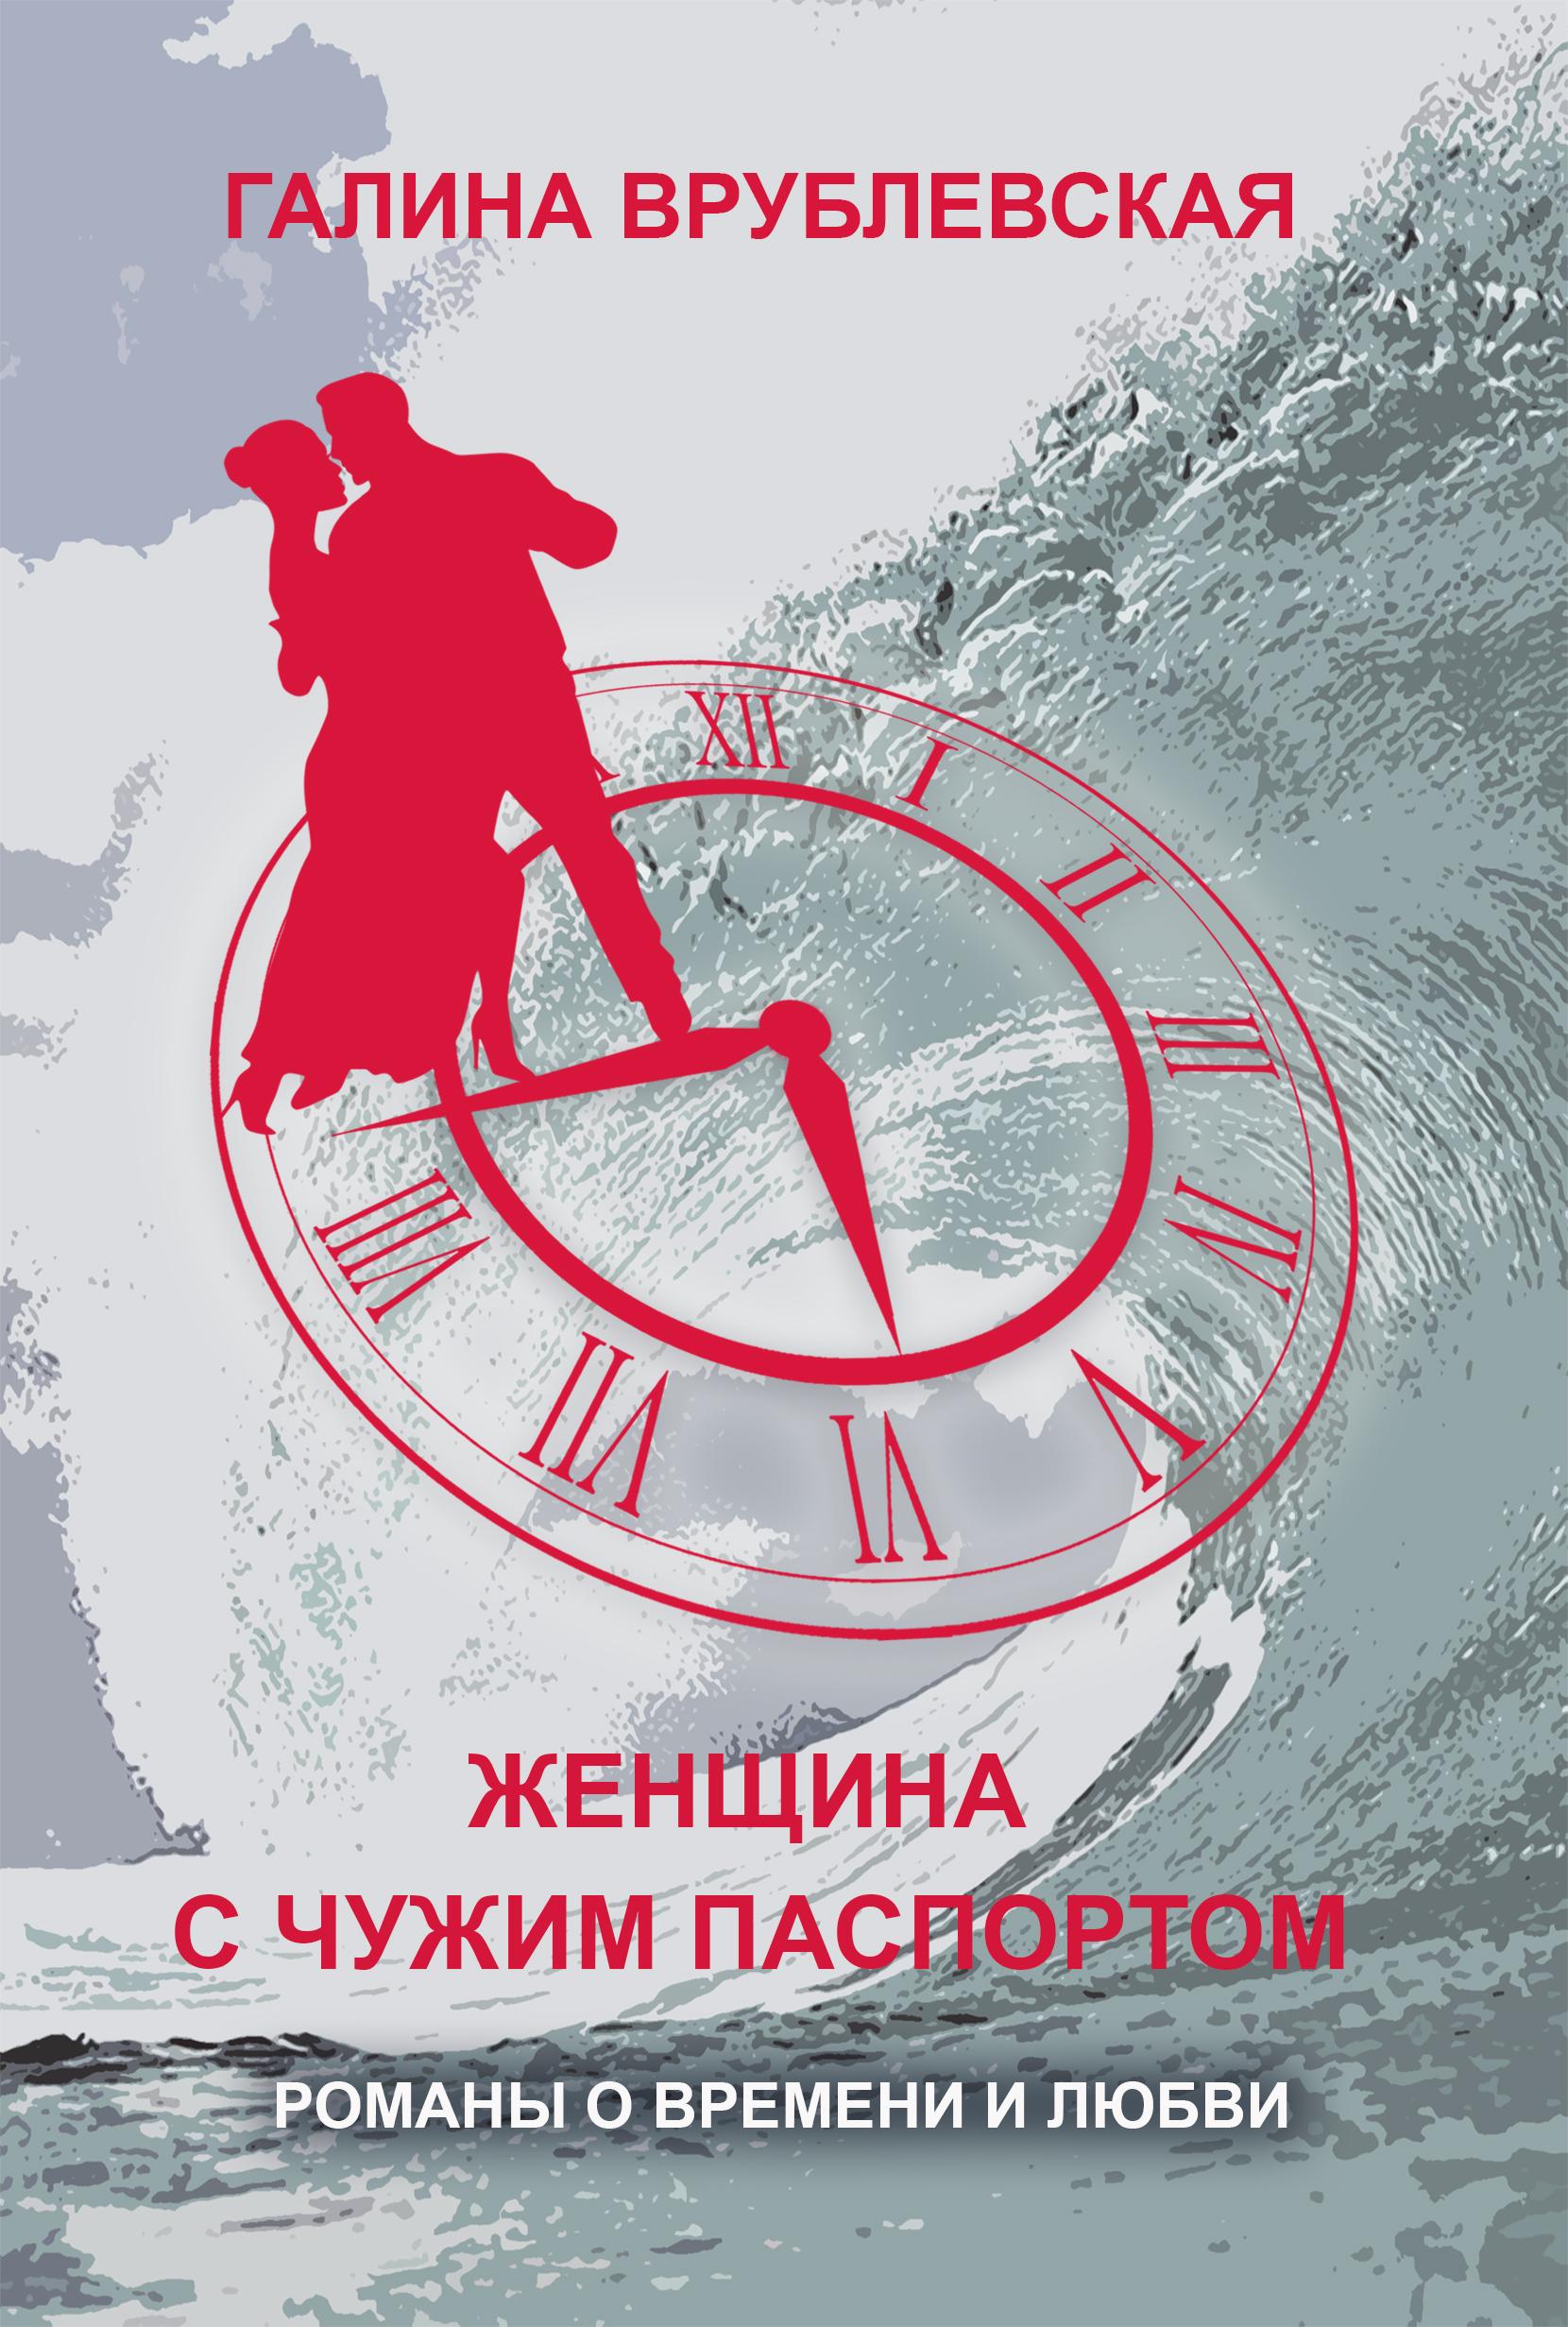 Галина Врублевская Женщина с чужим паспортом